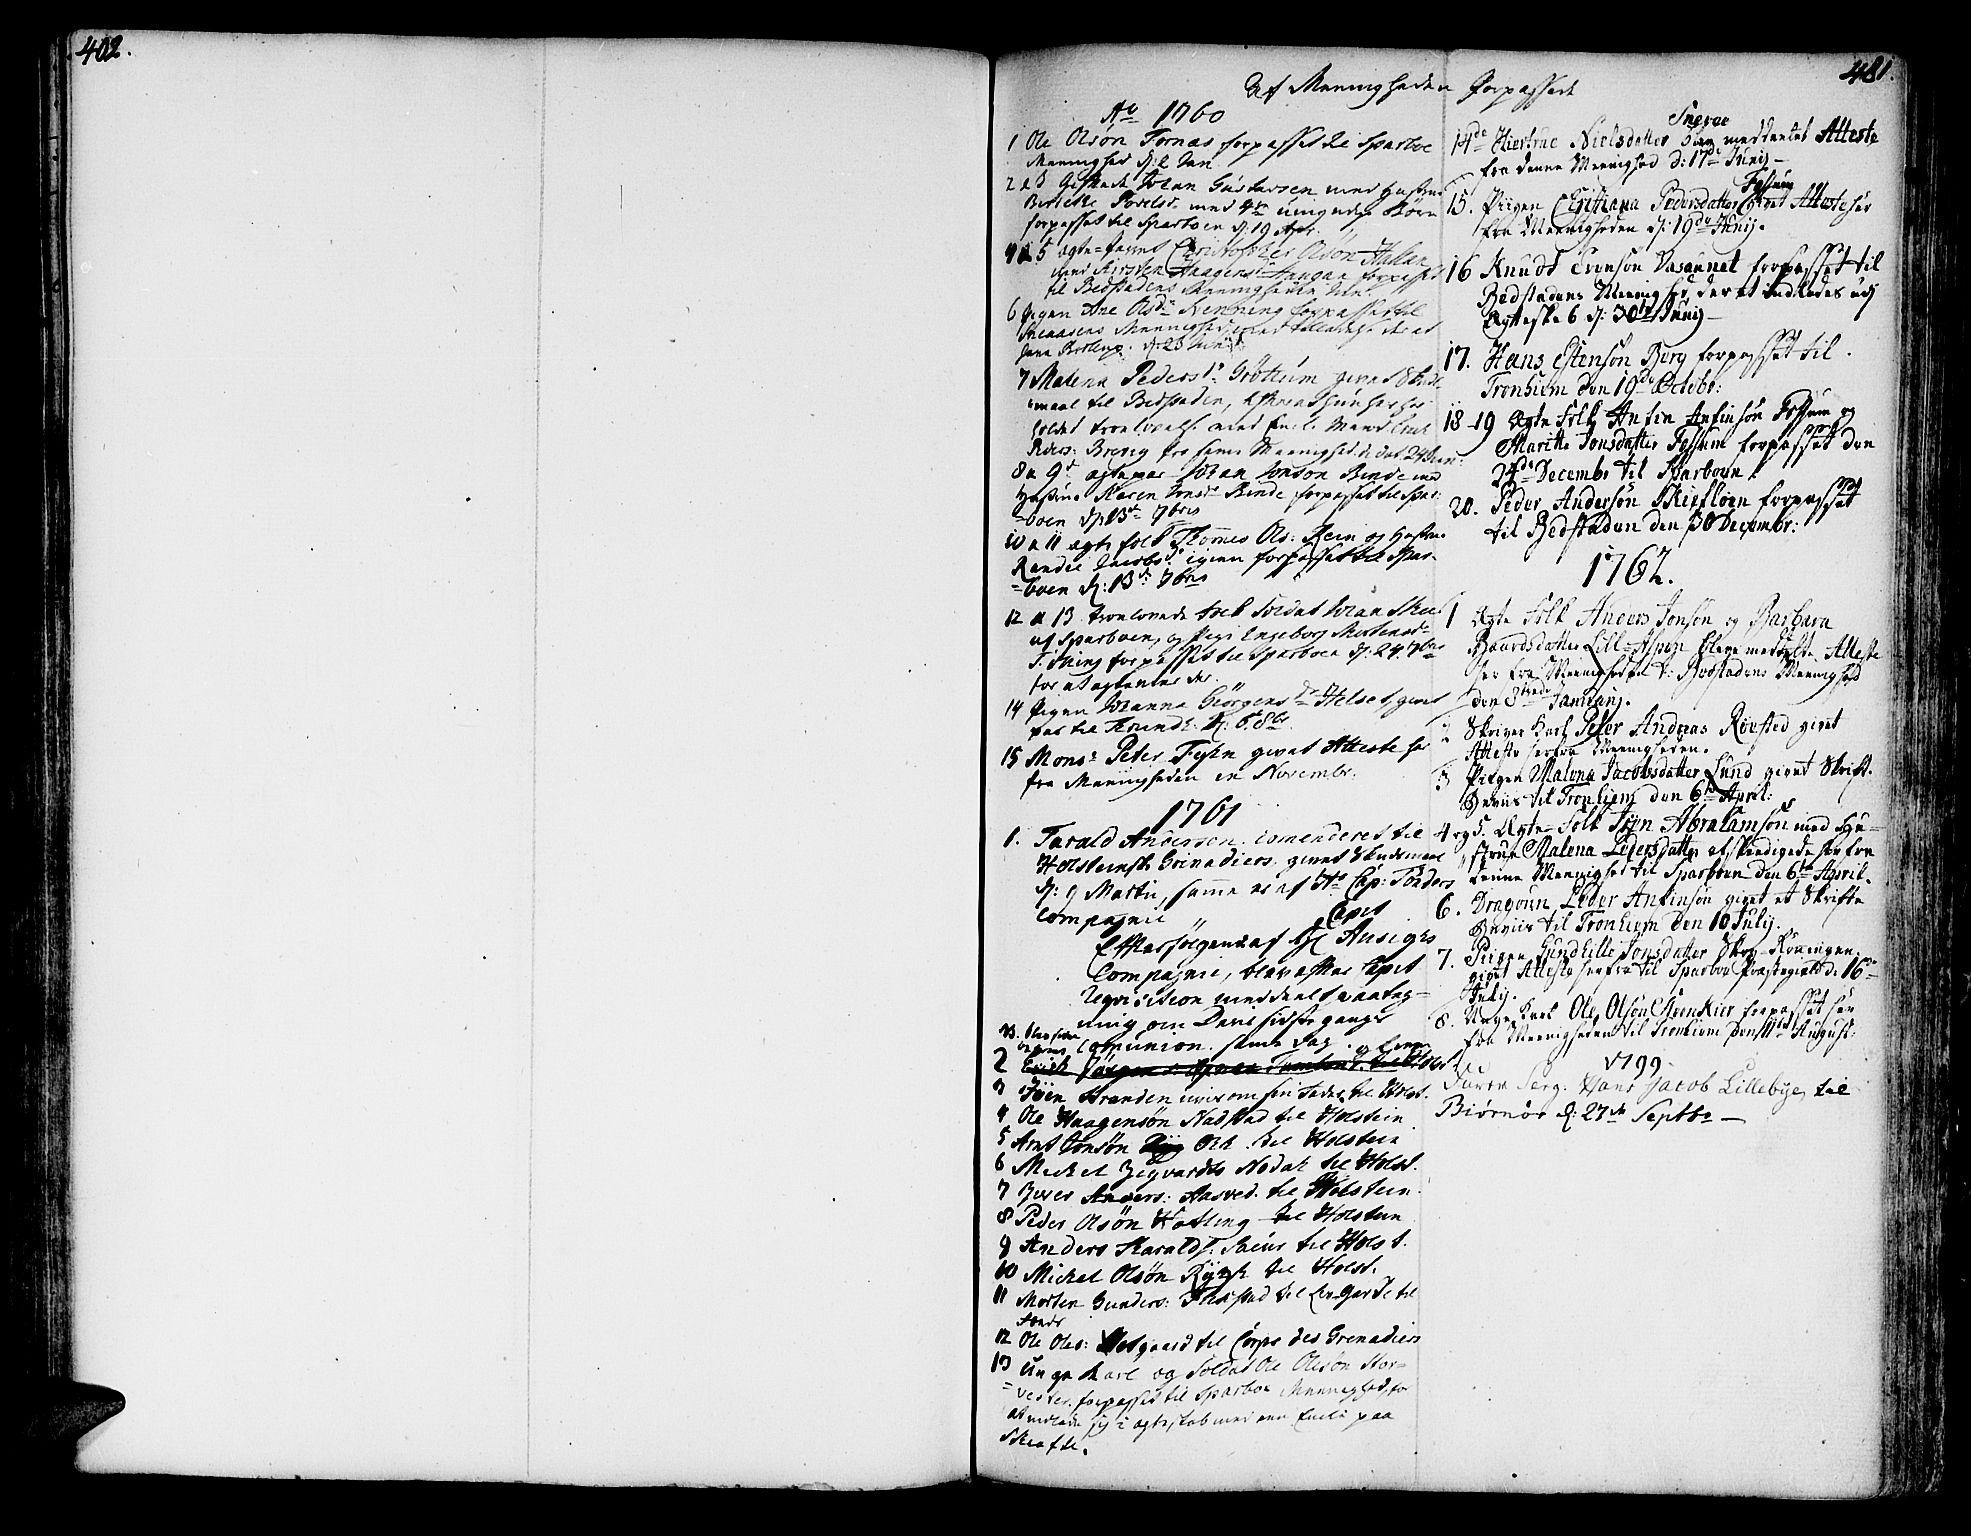 SAT, Ministerialprotokoller, klokkerbøker og fødselsregistre - Nord-Trøndelag, 746/L0440: Ministerialbok nr. 746A02, 1760-1815, s. 402-481